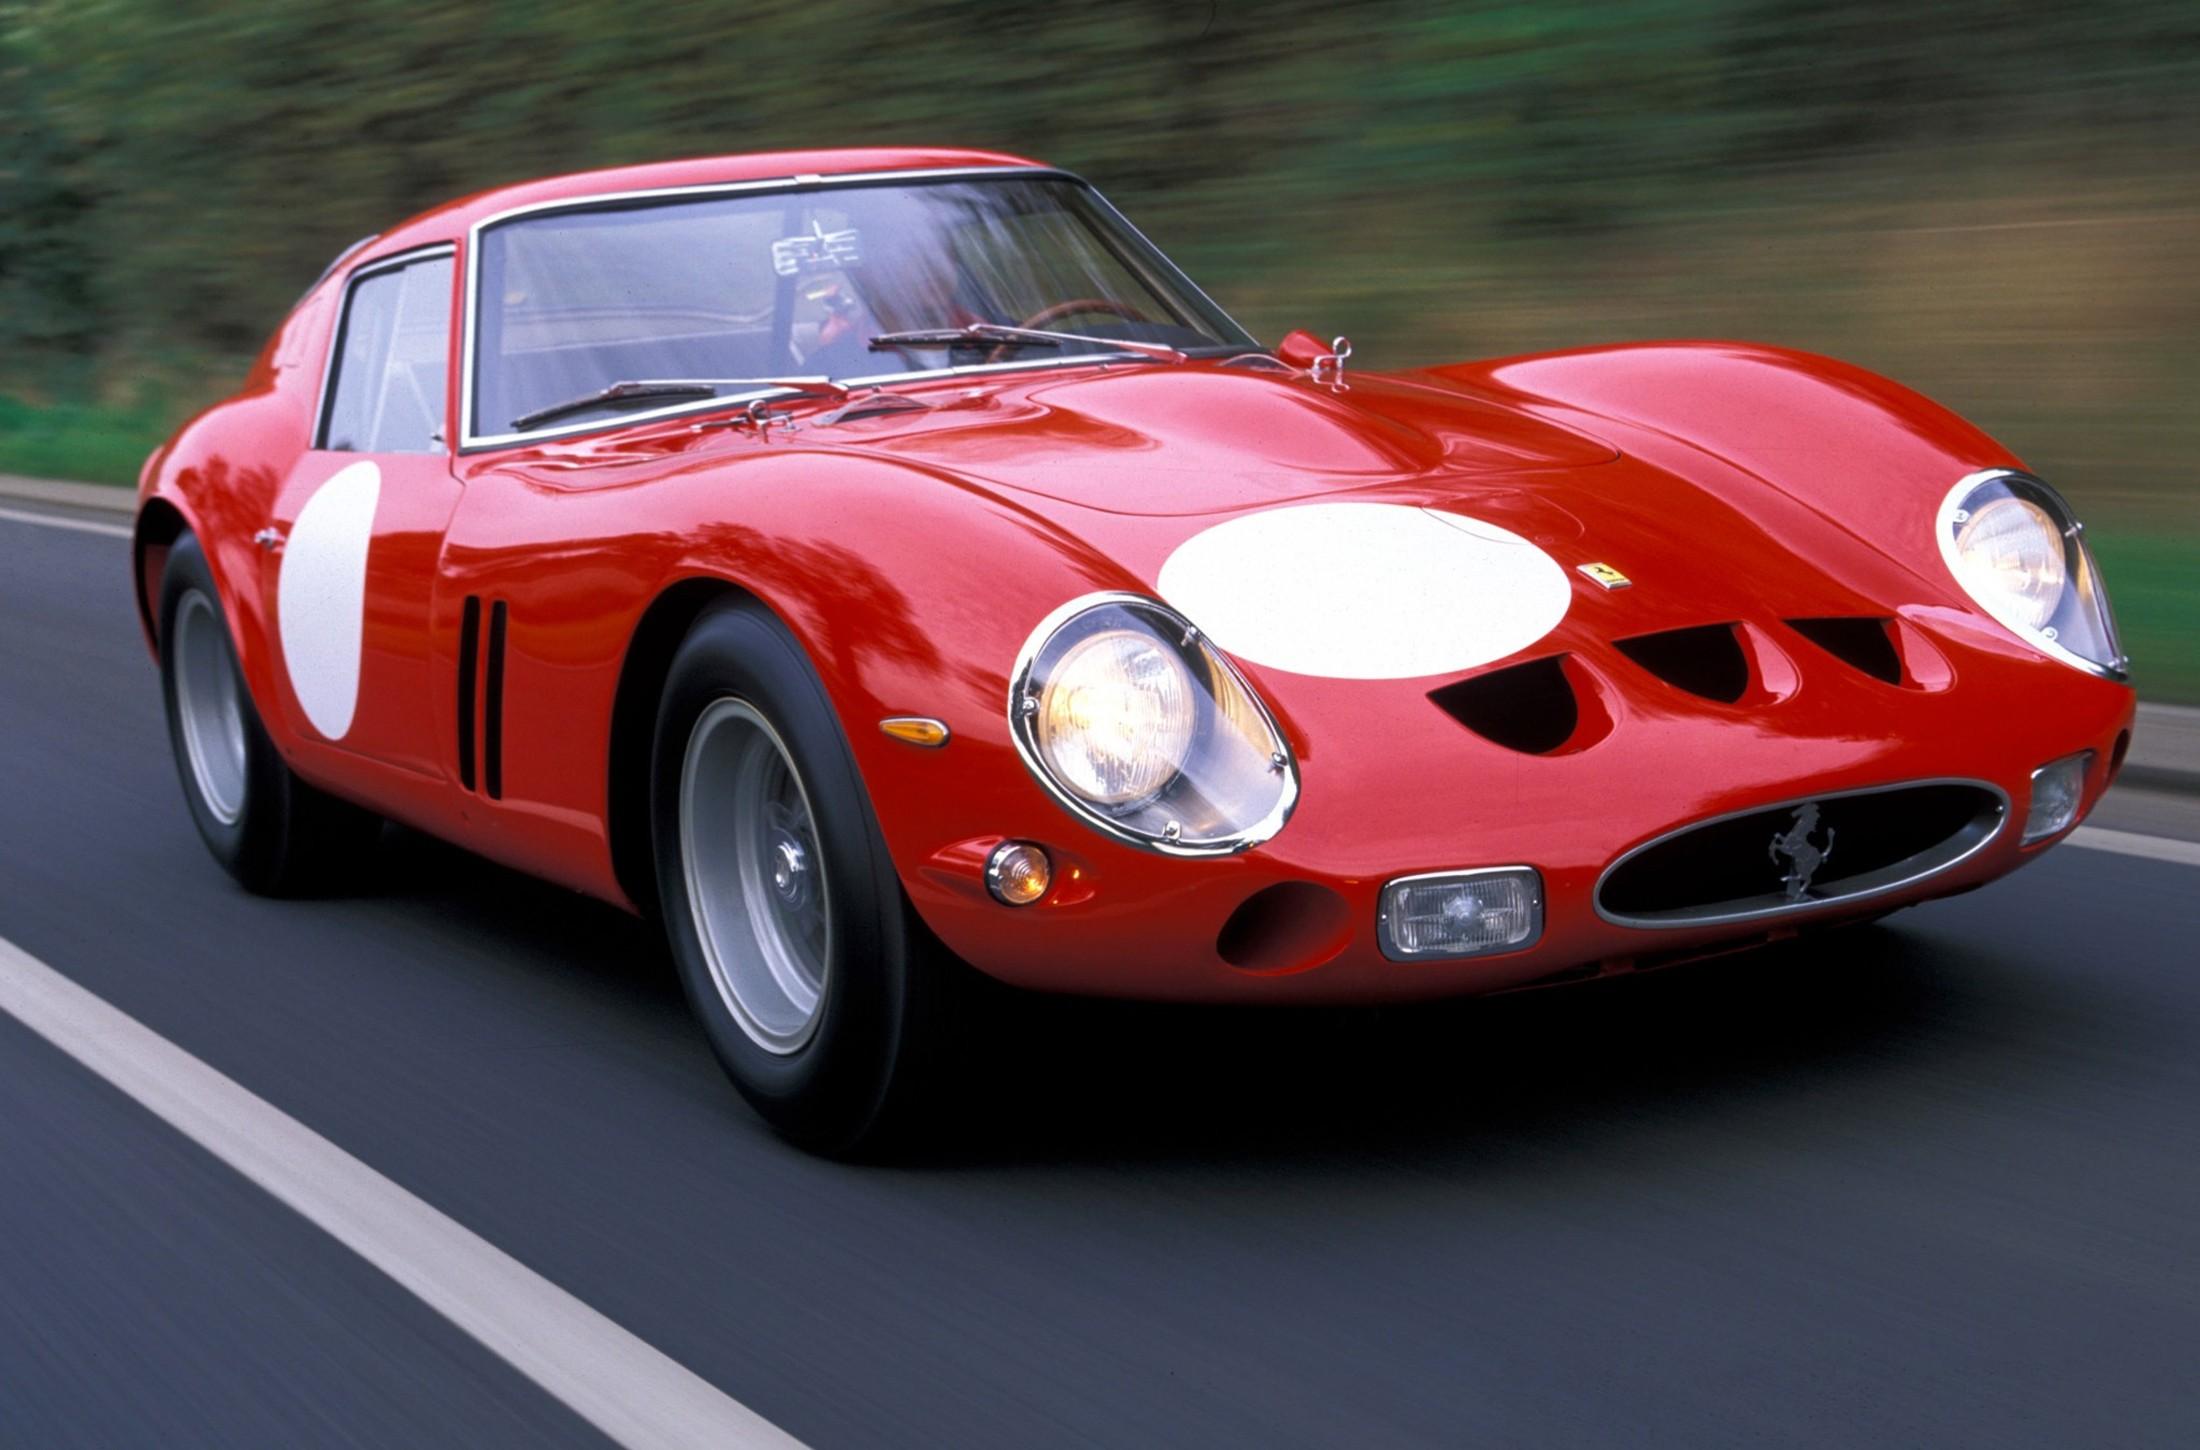 Ferrari 250 GTO I 1962 - 1964 Coupe #4